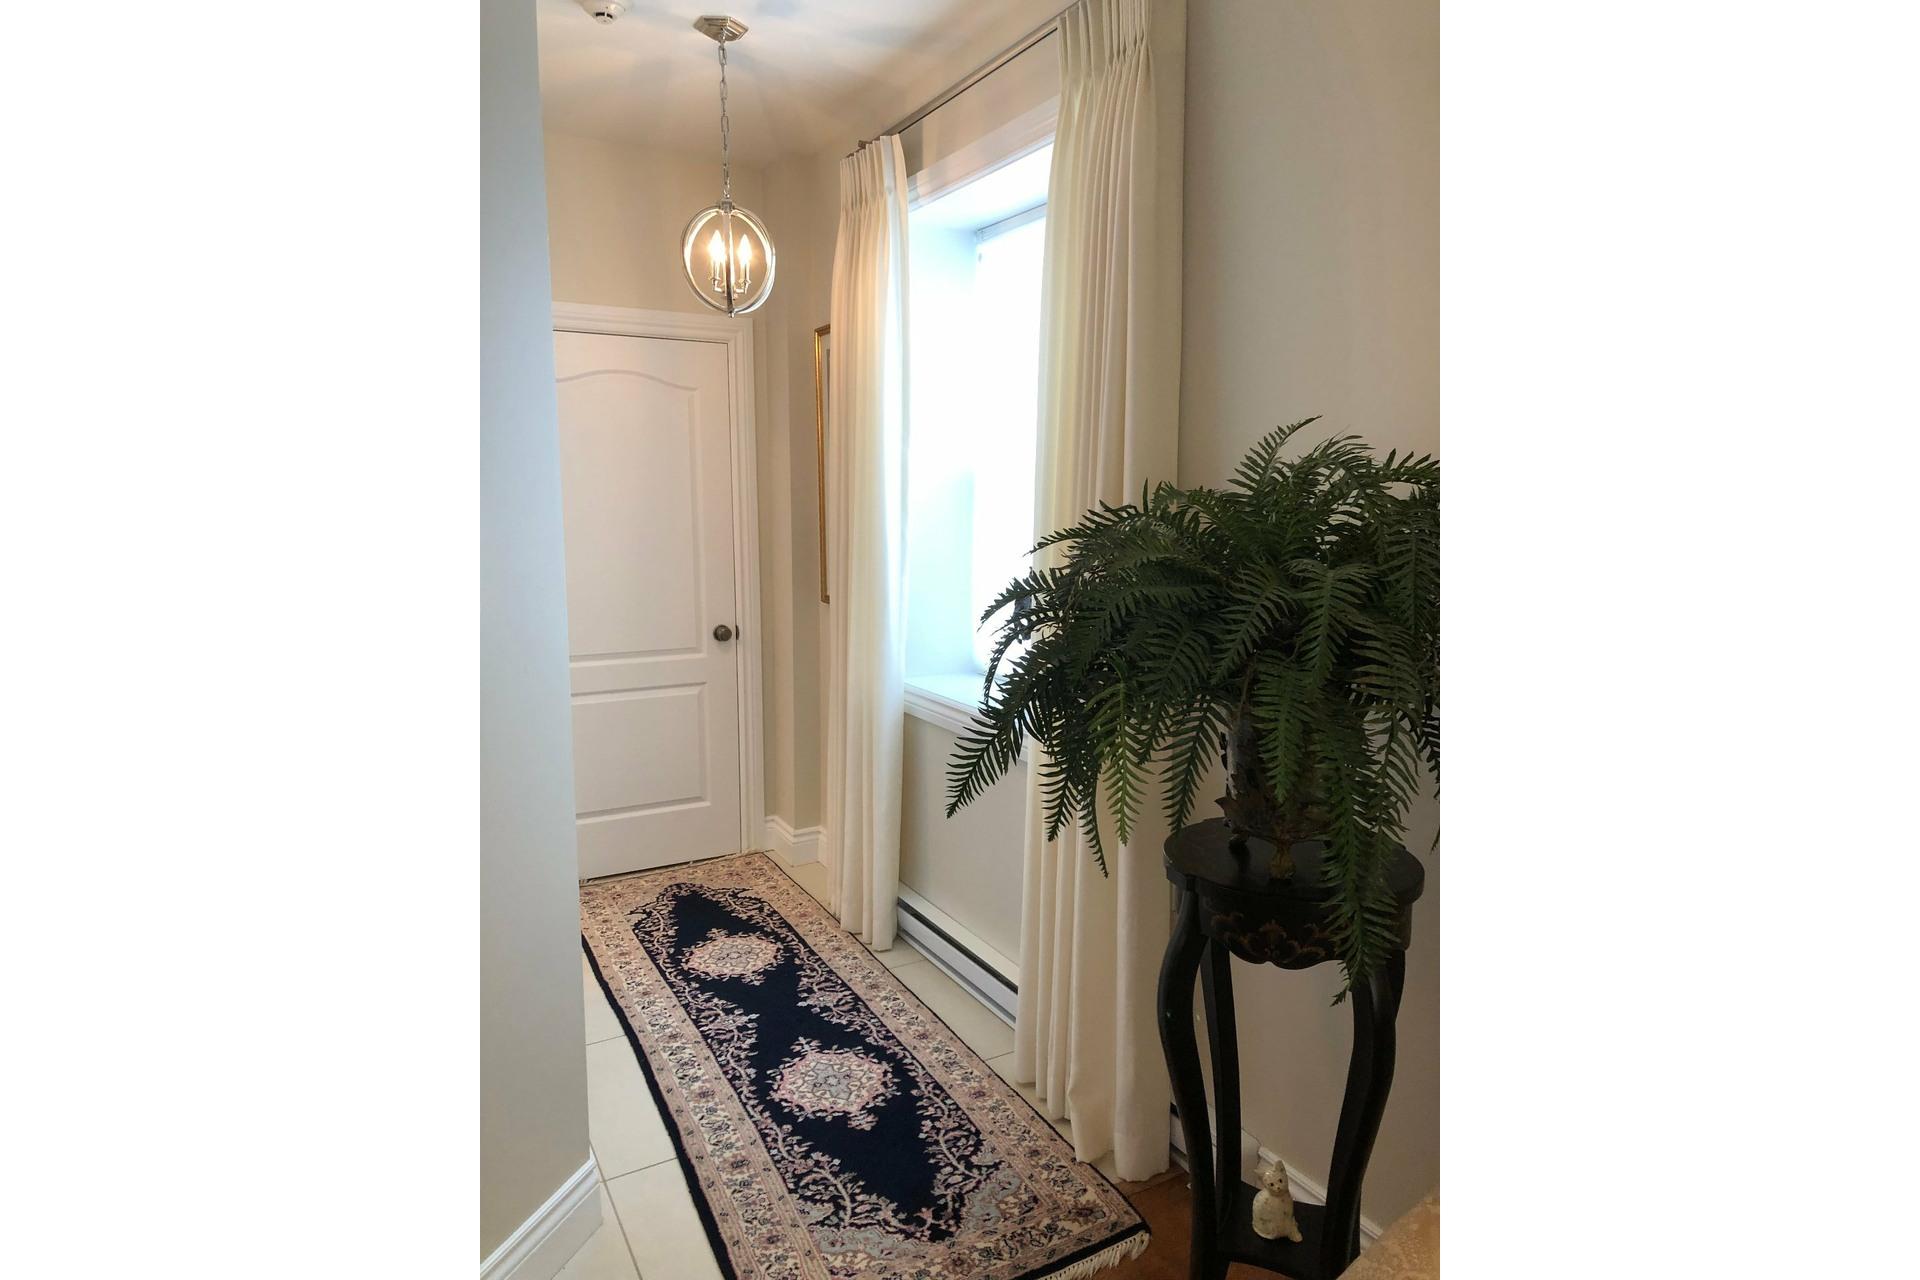 image 2 - Appartement À vendre Montréal Côte-des-Neiges/Notre-Dame-de-Grâce  - 5 pièces